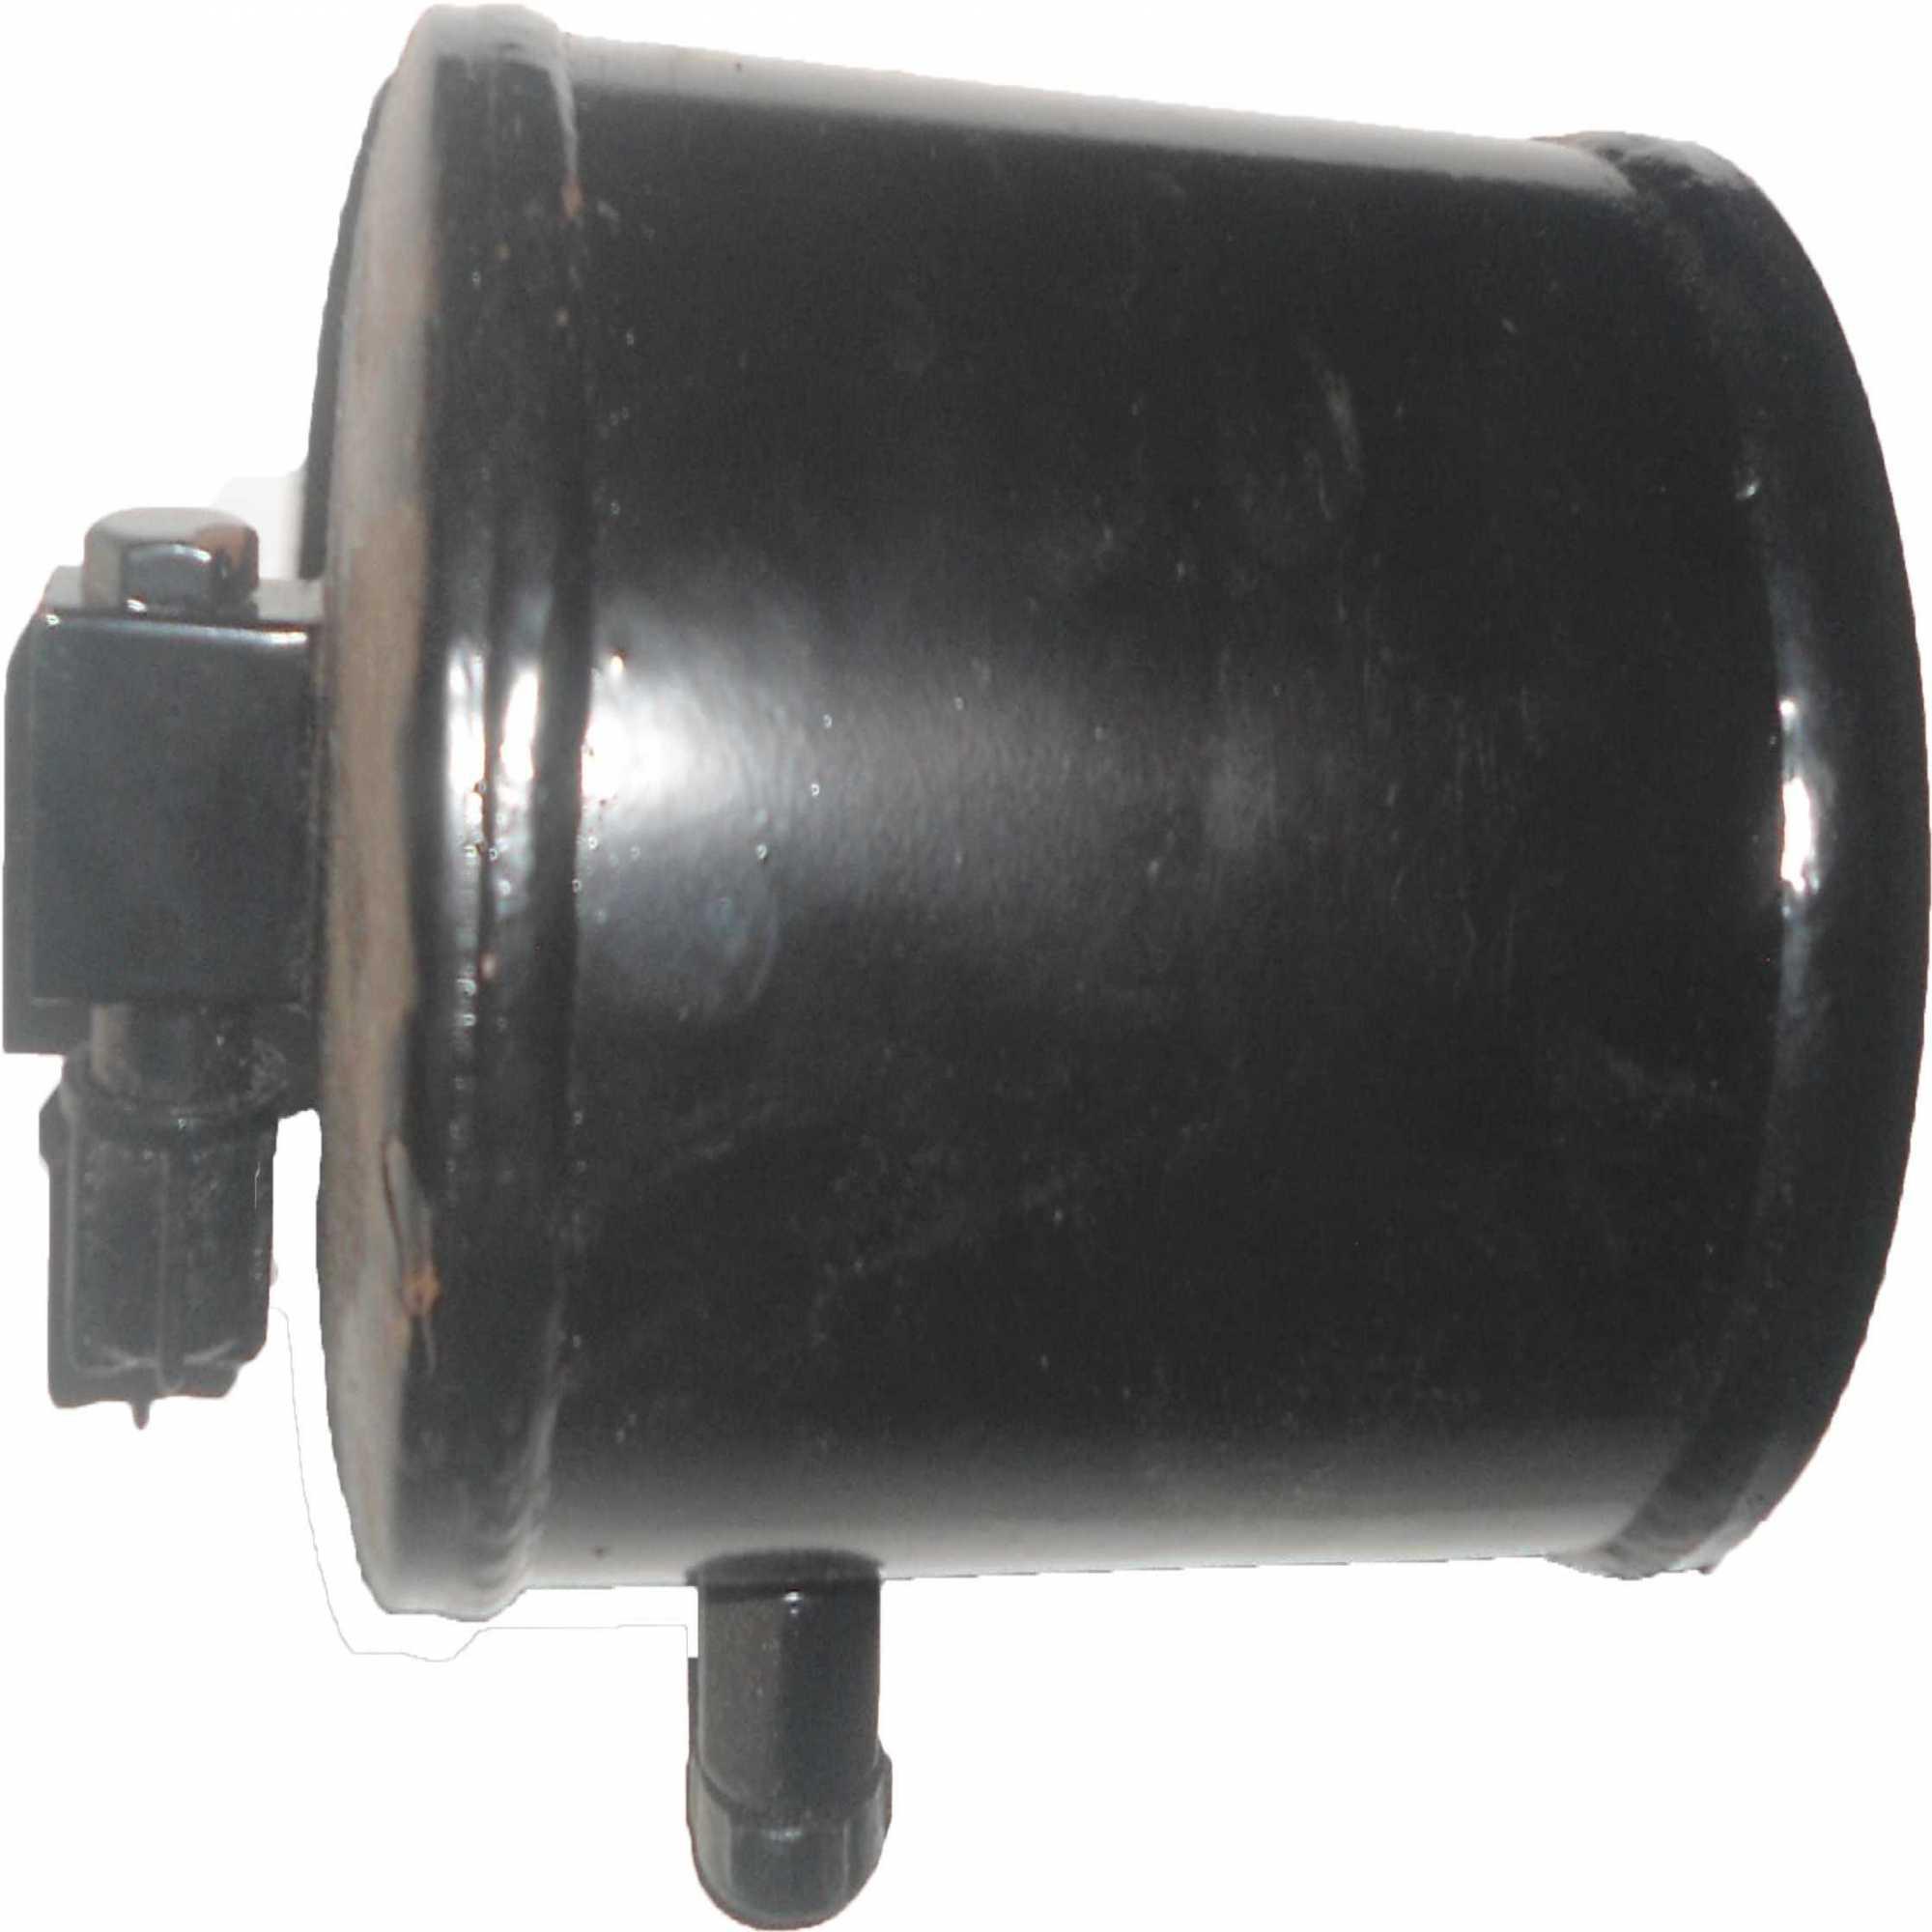 Filtro Secador - Case Lh118418C1 3/8X3/8